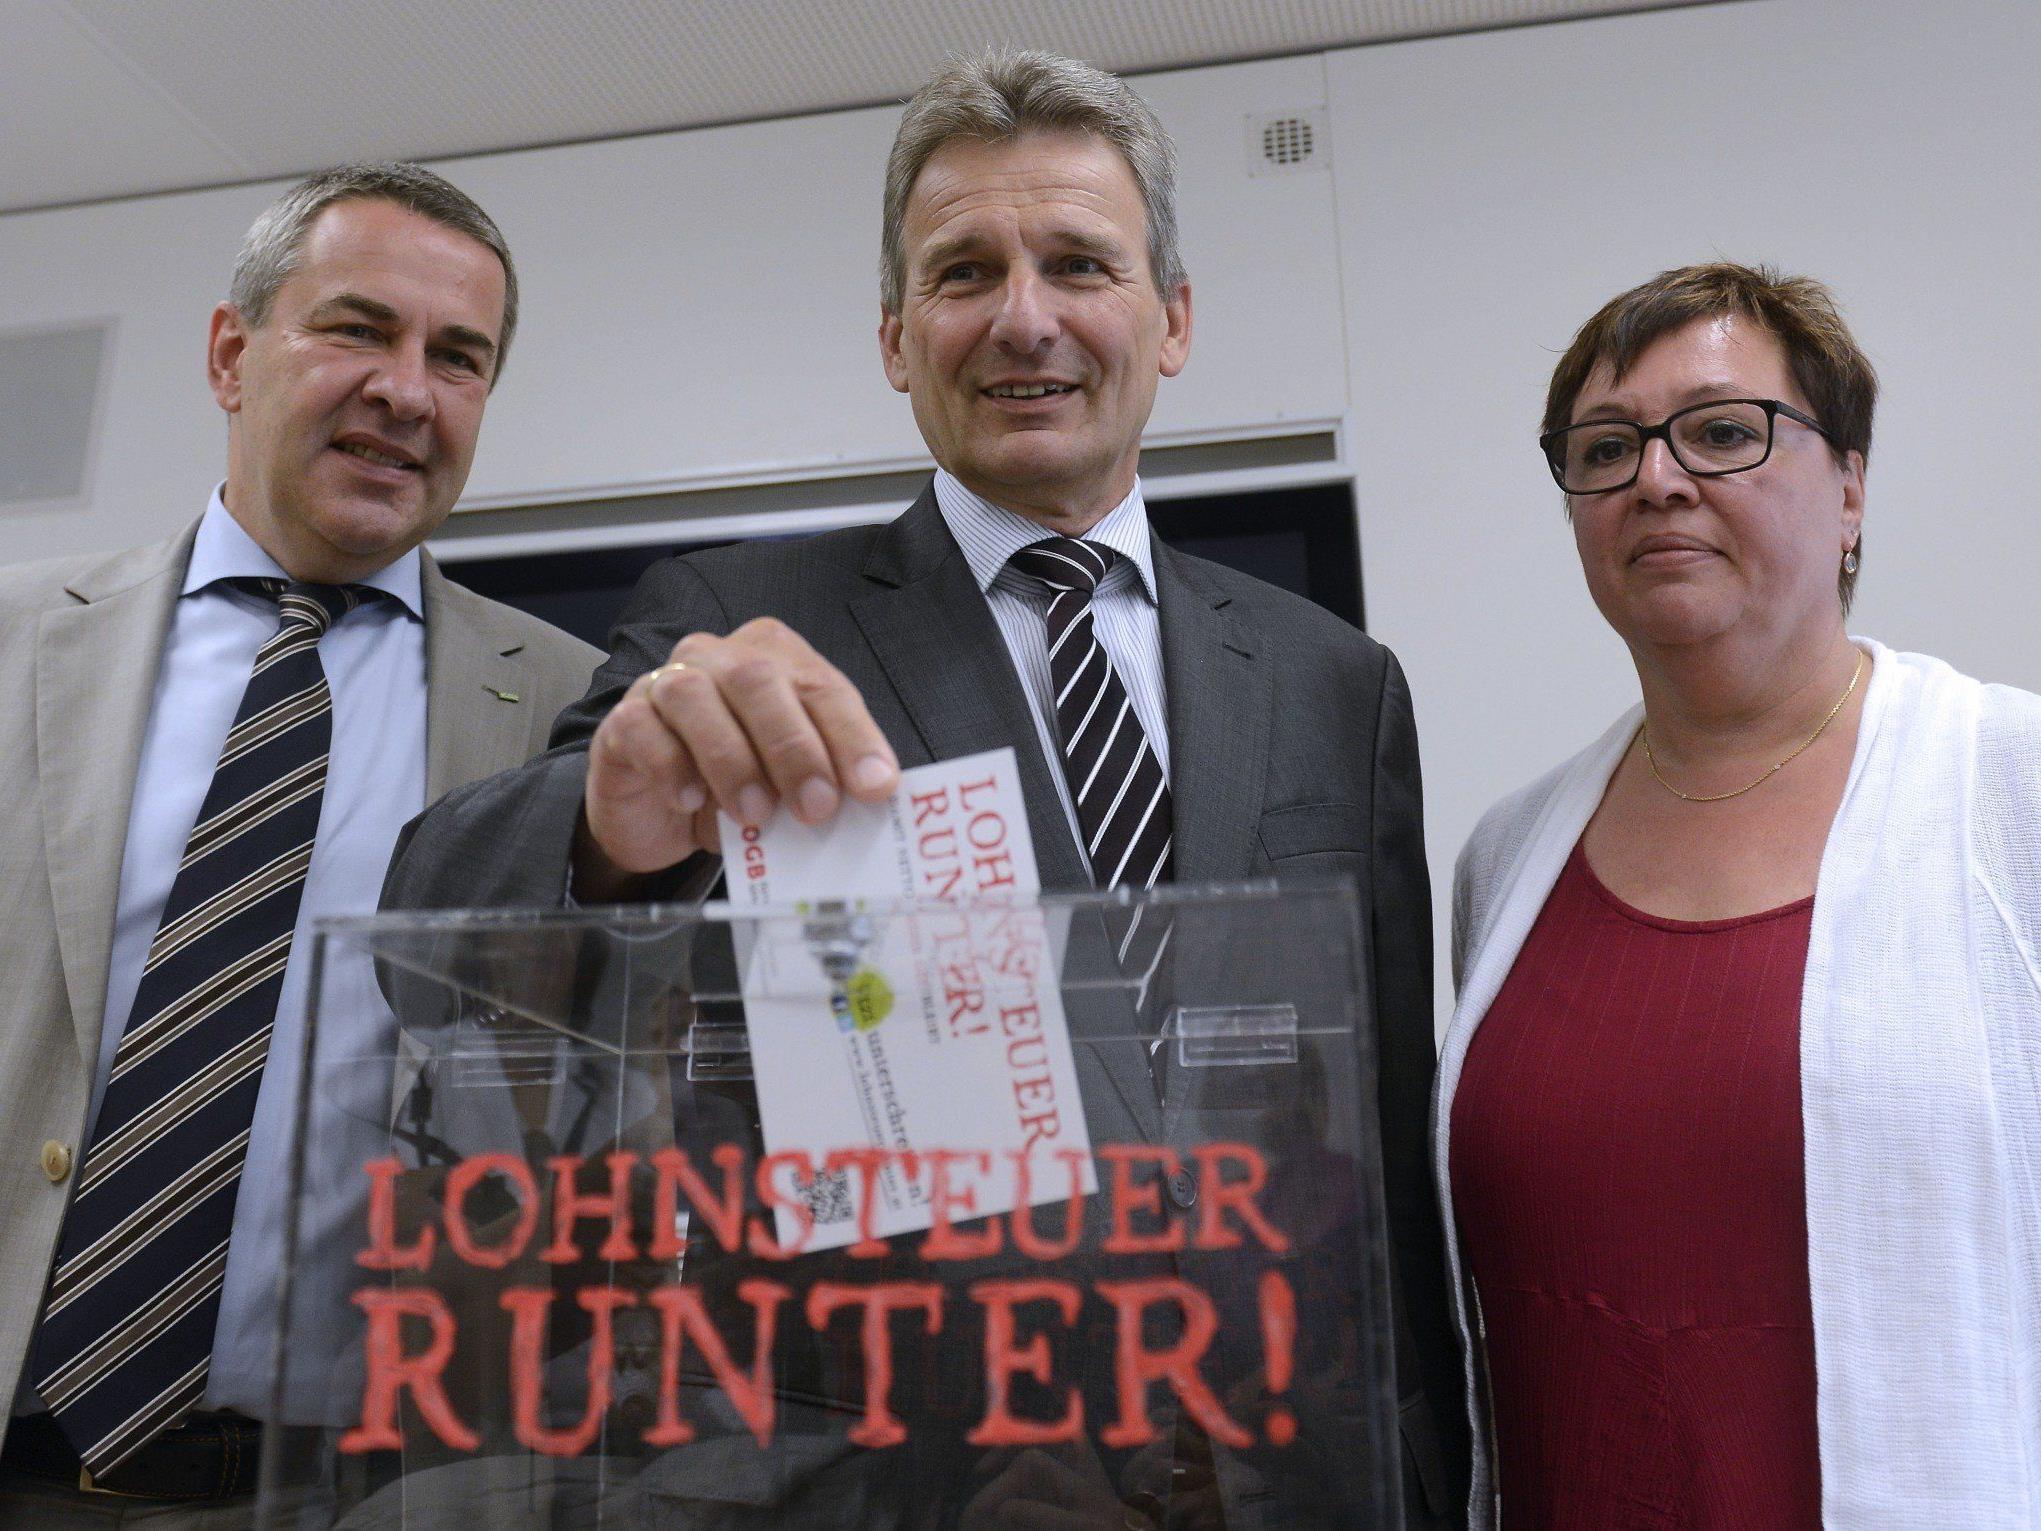 """Der ÖGB will mit der Aktion """"Lohnsteuer runter!"""" 500.000 Unterschriften sammeln."""